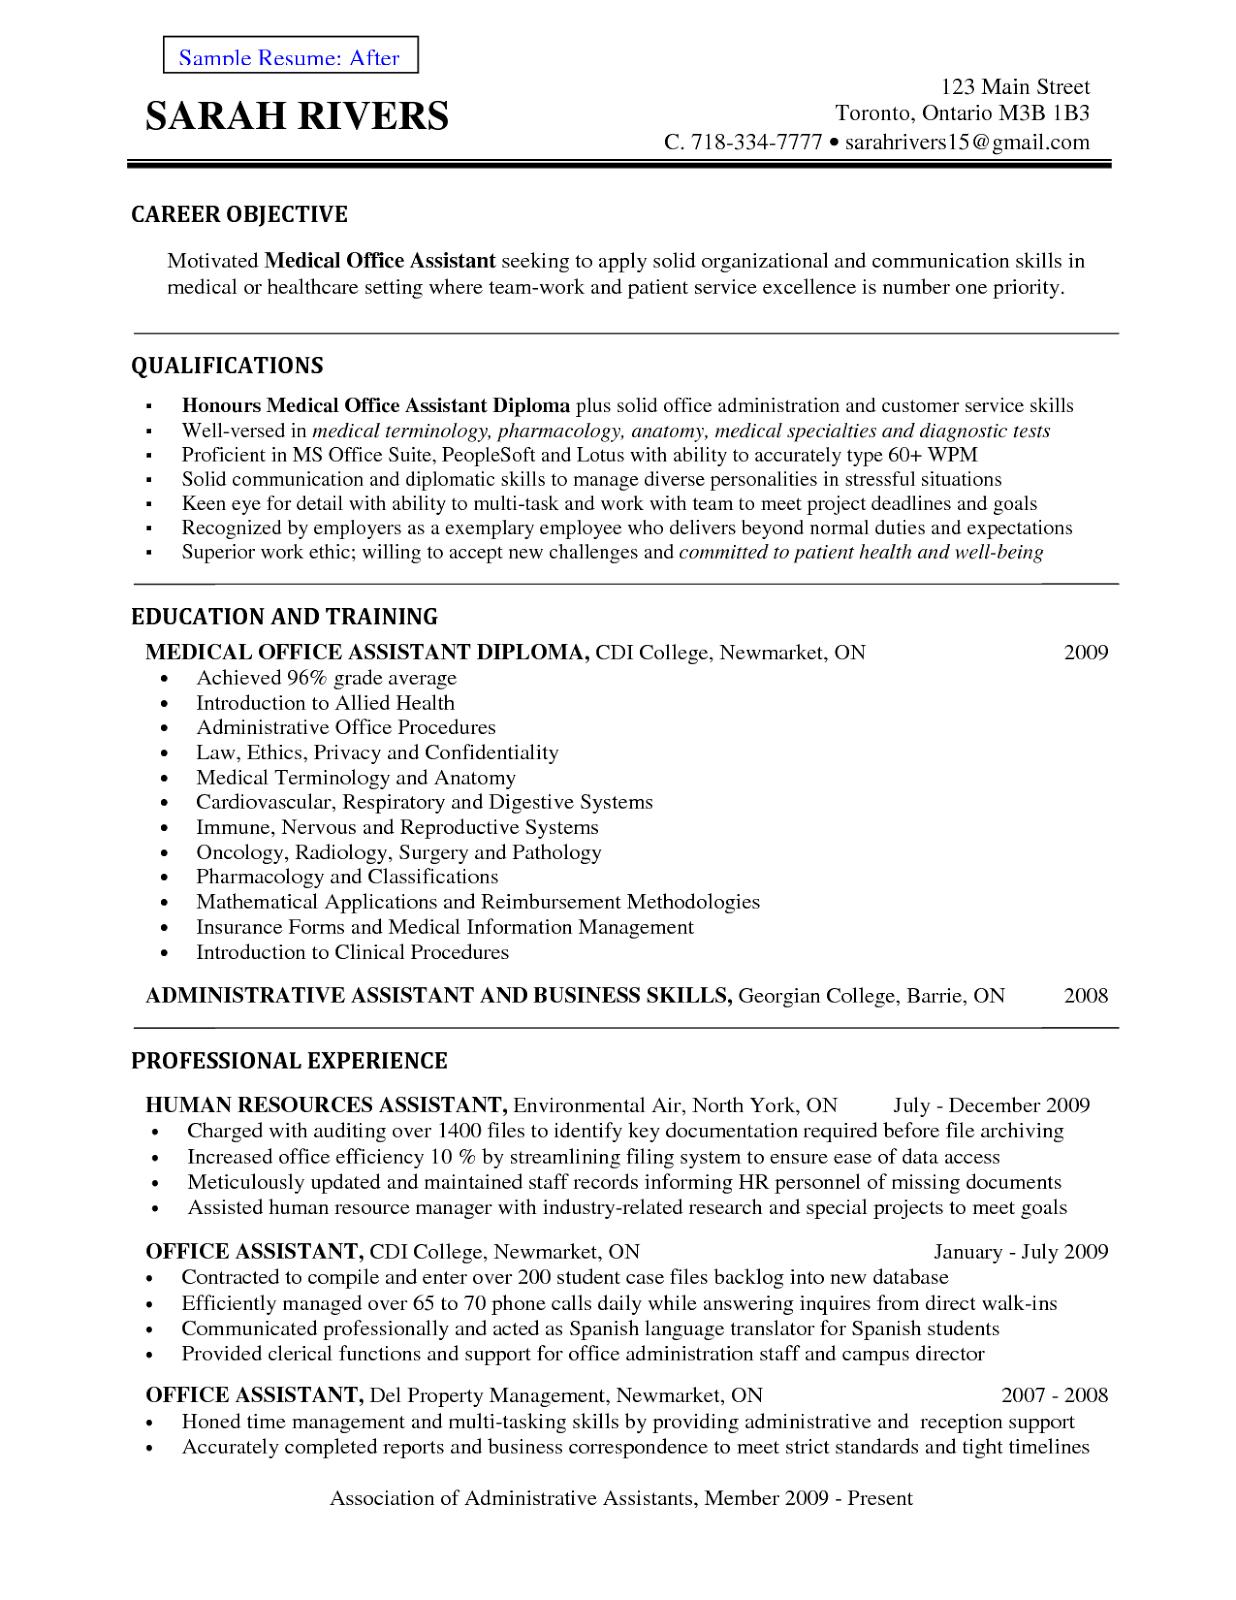 resume samples for tim hortons